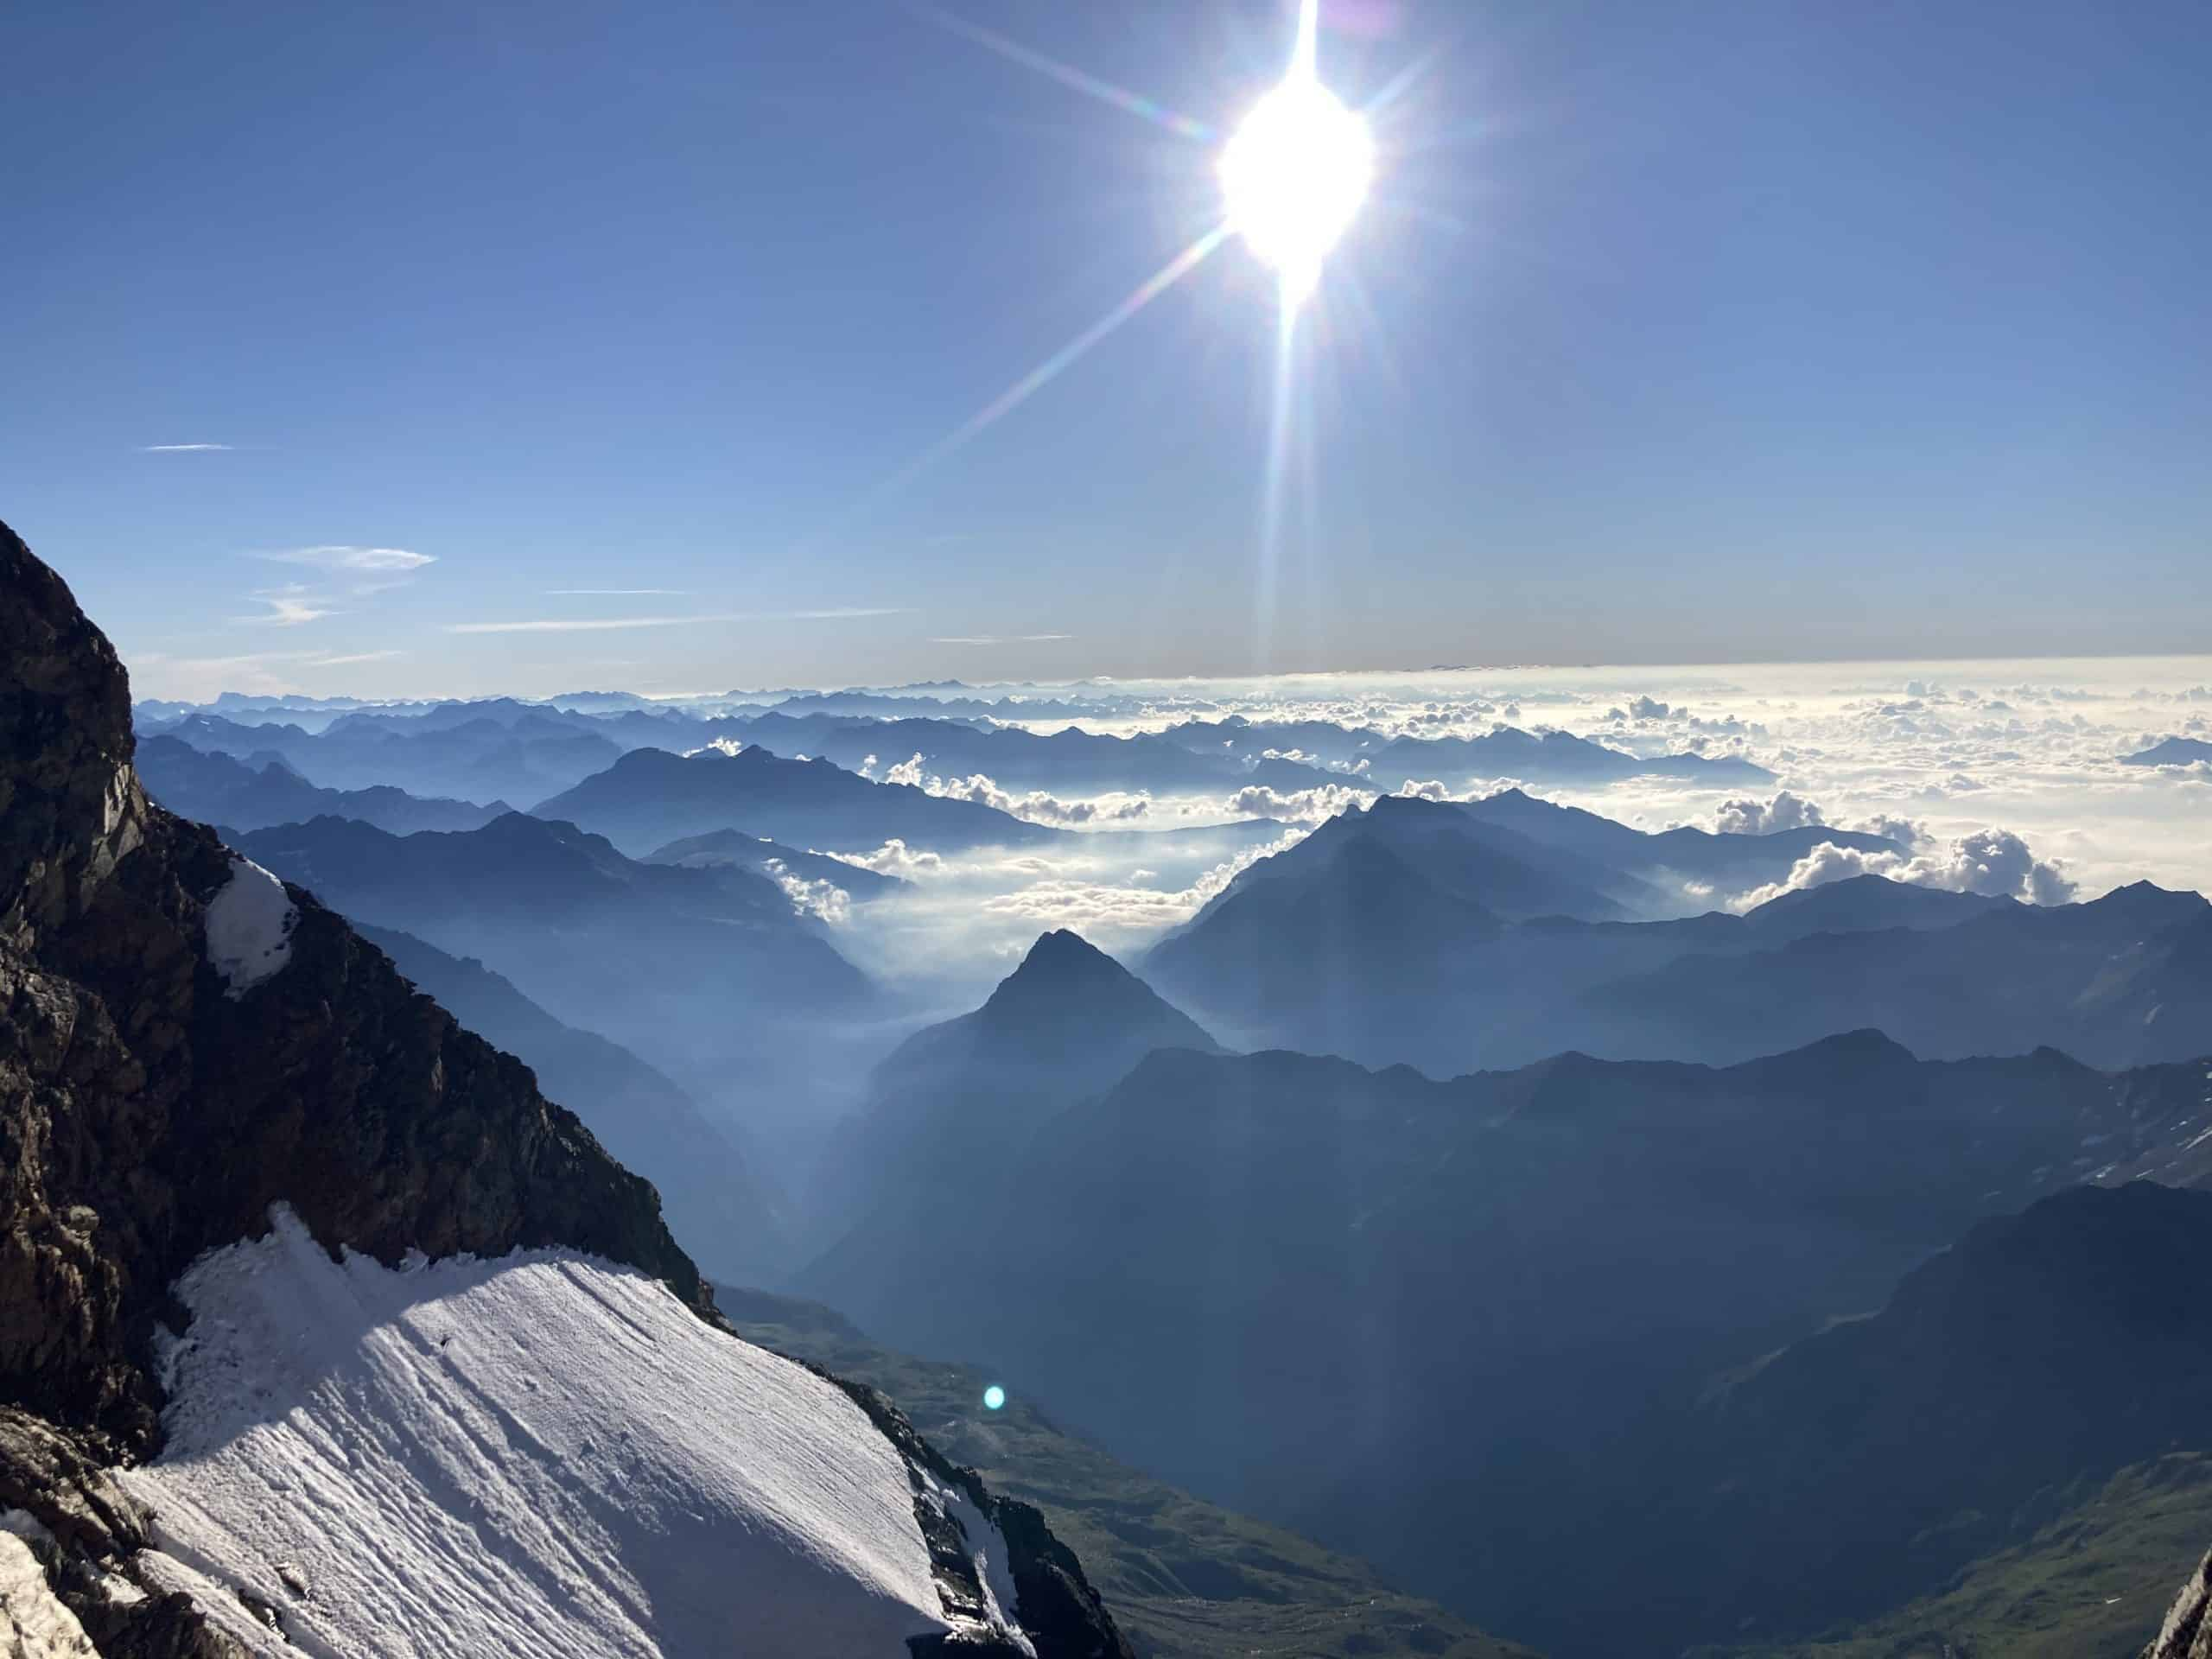 IMG 6116 1 scaled - Lagginhorn - Gipfelglück im zweiten Versuch?